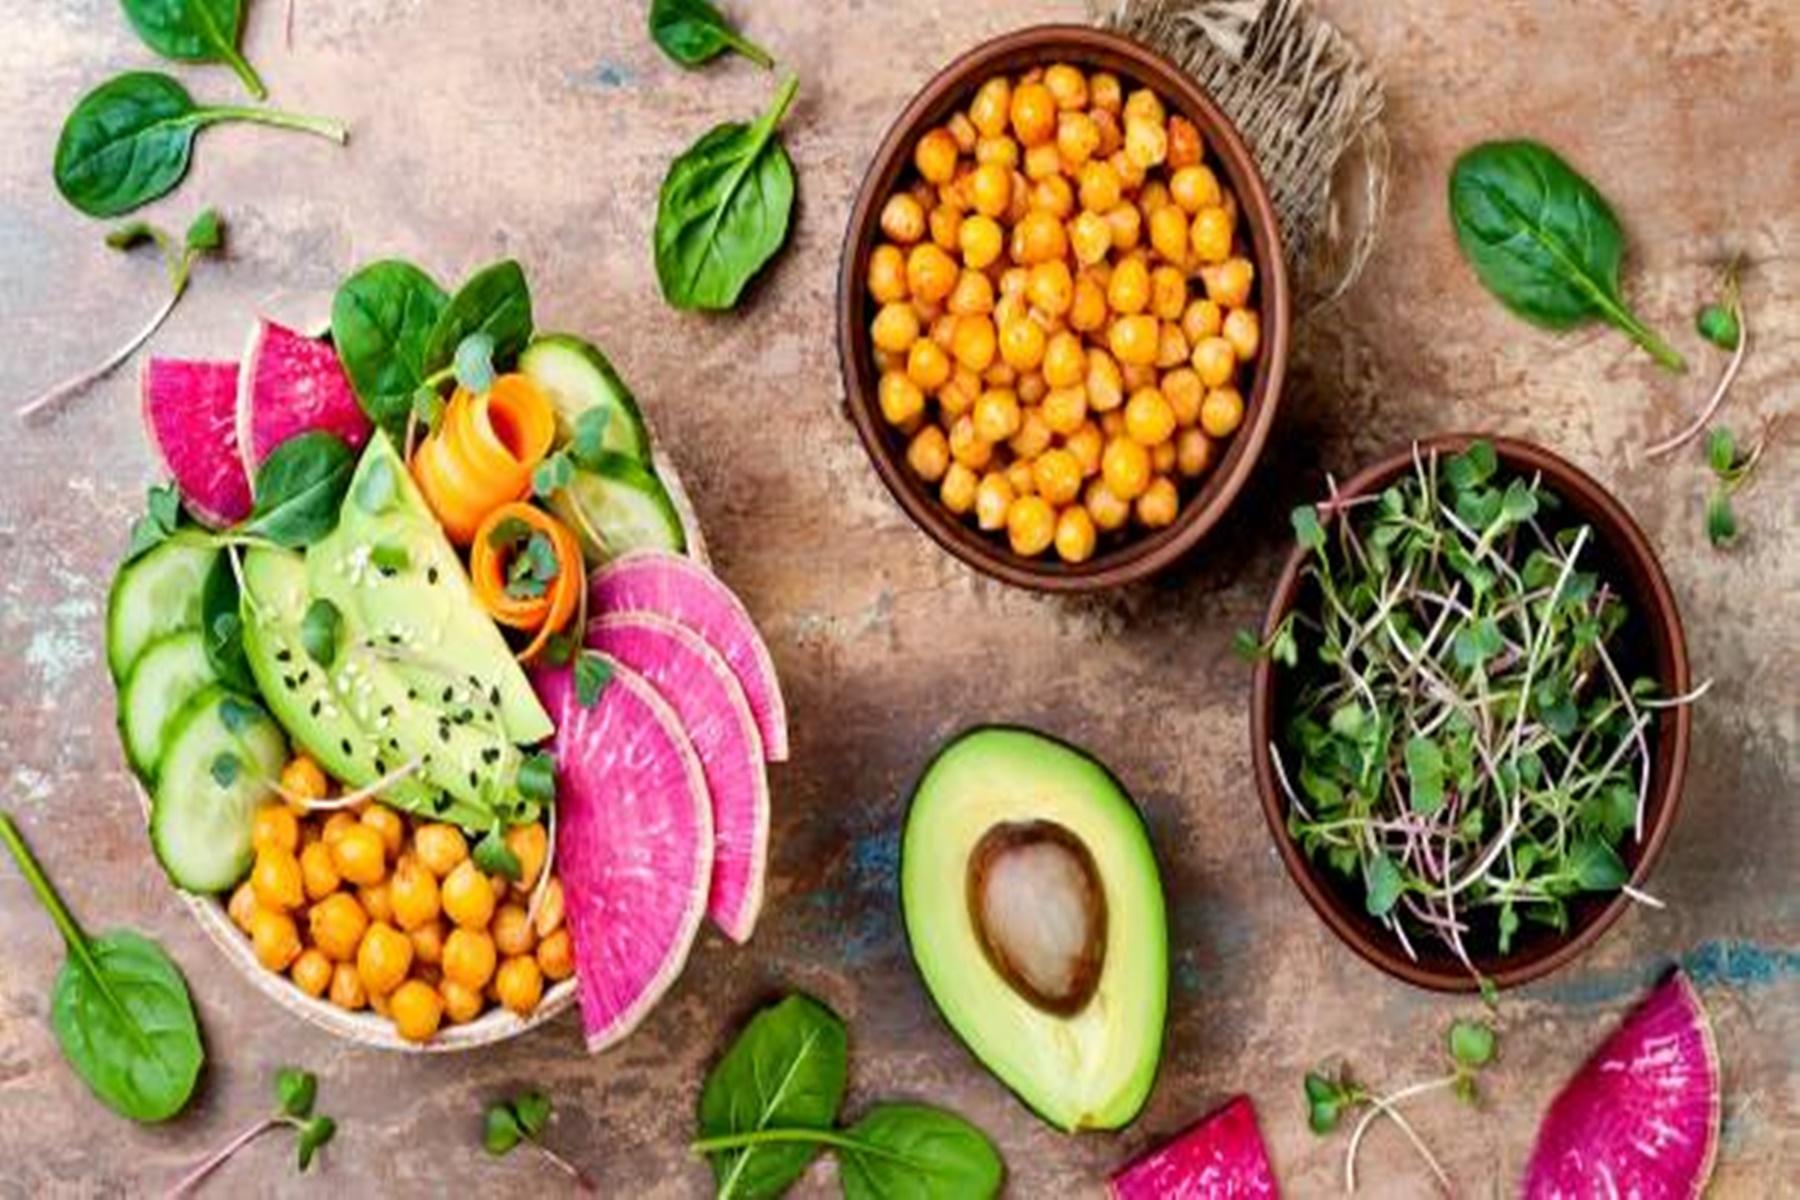 Διατροφή :Προωθείστε την γεύση και θα τραφείτε πιο υγιεινά